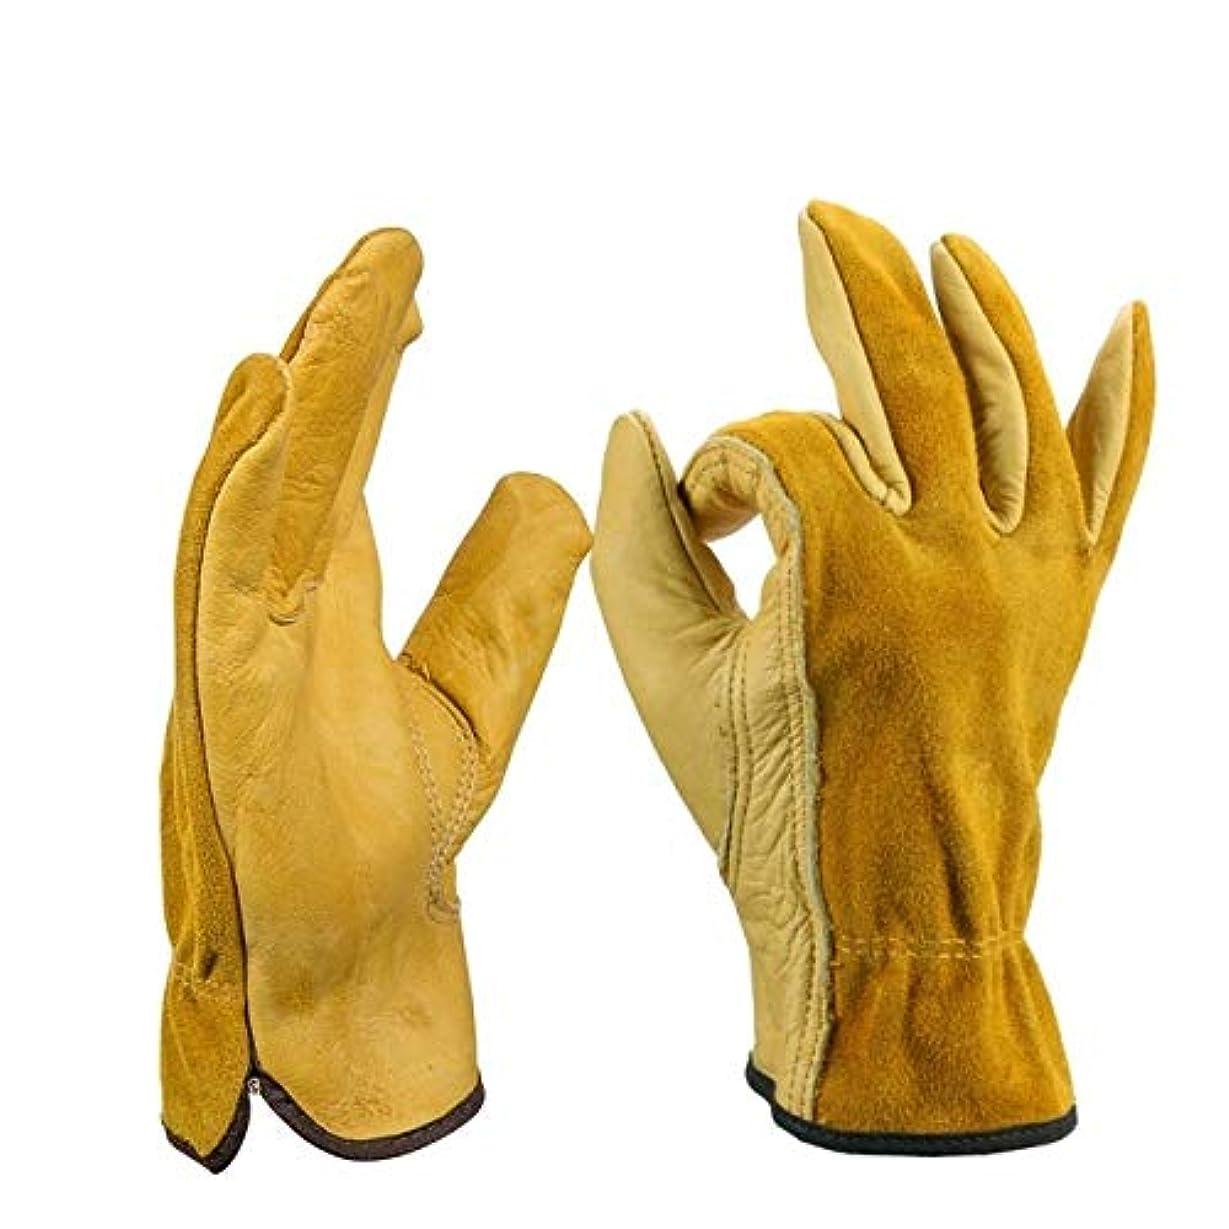 爆発物国際師匠WTYDスポーツ用品 2ペアオートバイグローブライディンググローブガーデン労働保護安全手袋 スポーツのために使用されます